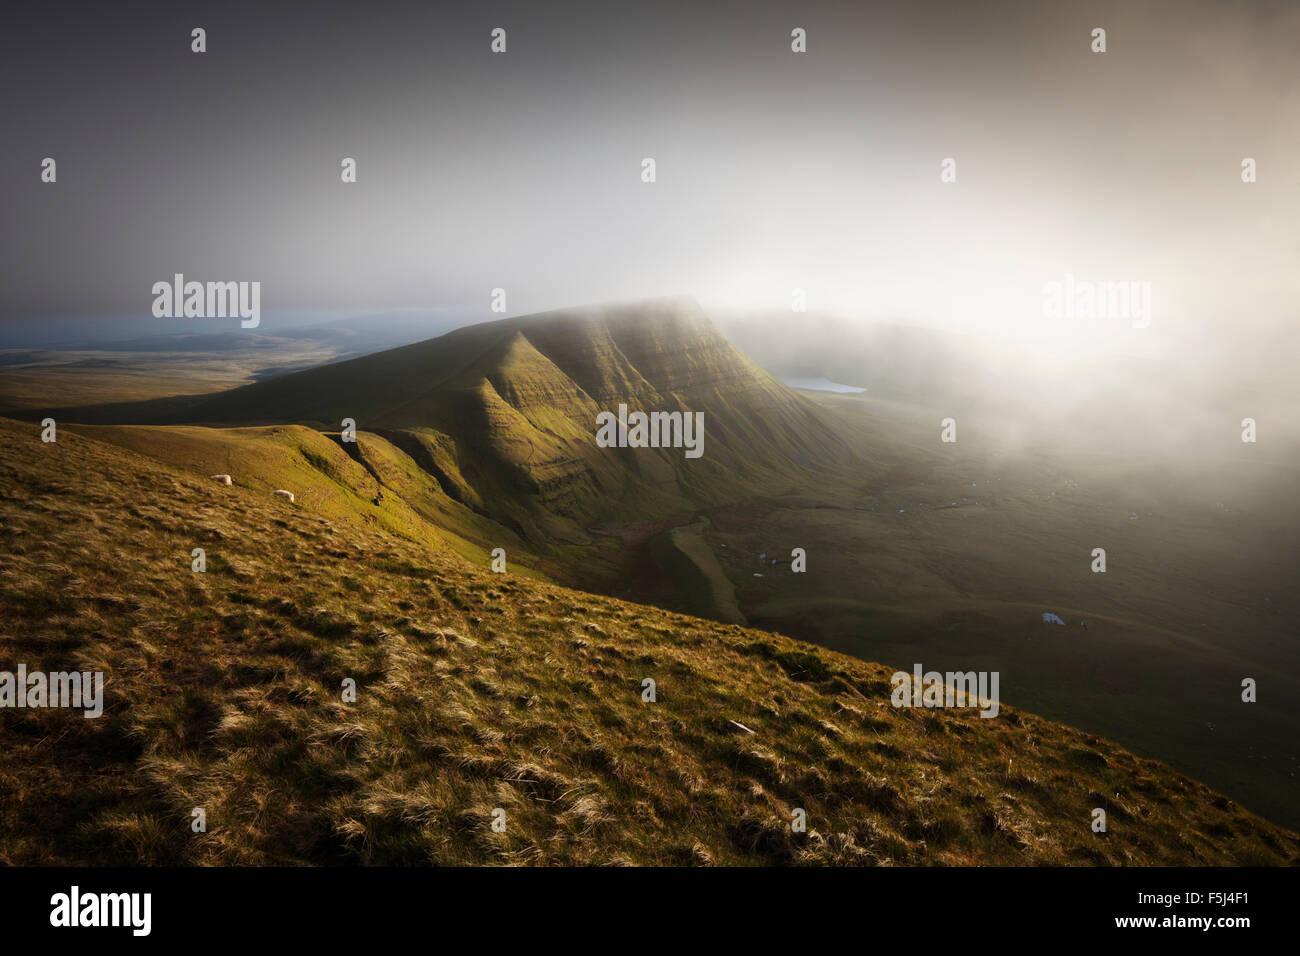 Mist rolling en más Picws Du. La Montaña Negra. Parque Nacional de Brecon Beacons. Carmarthenshire. País Imagen De Stock